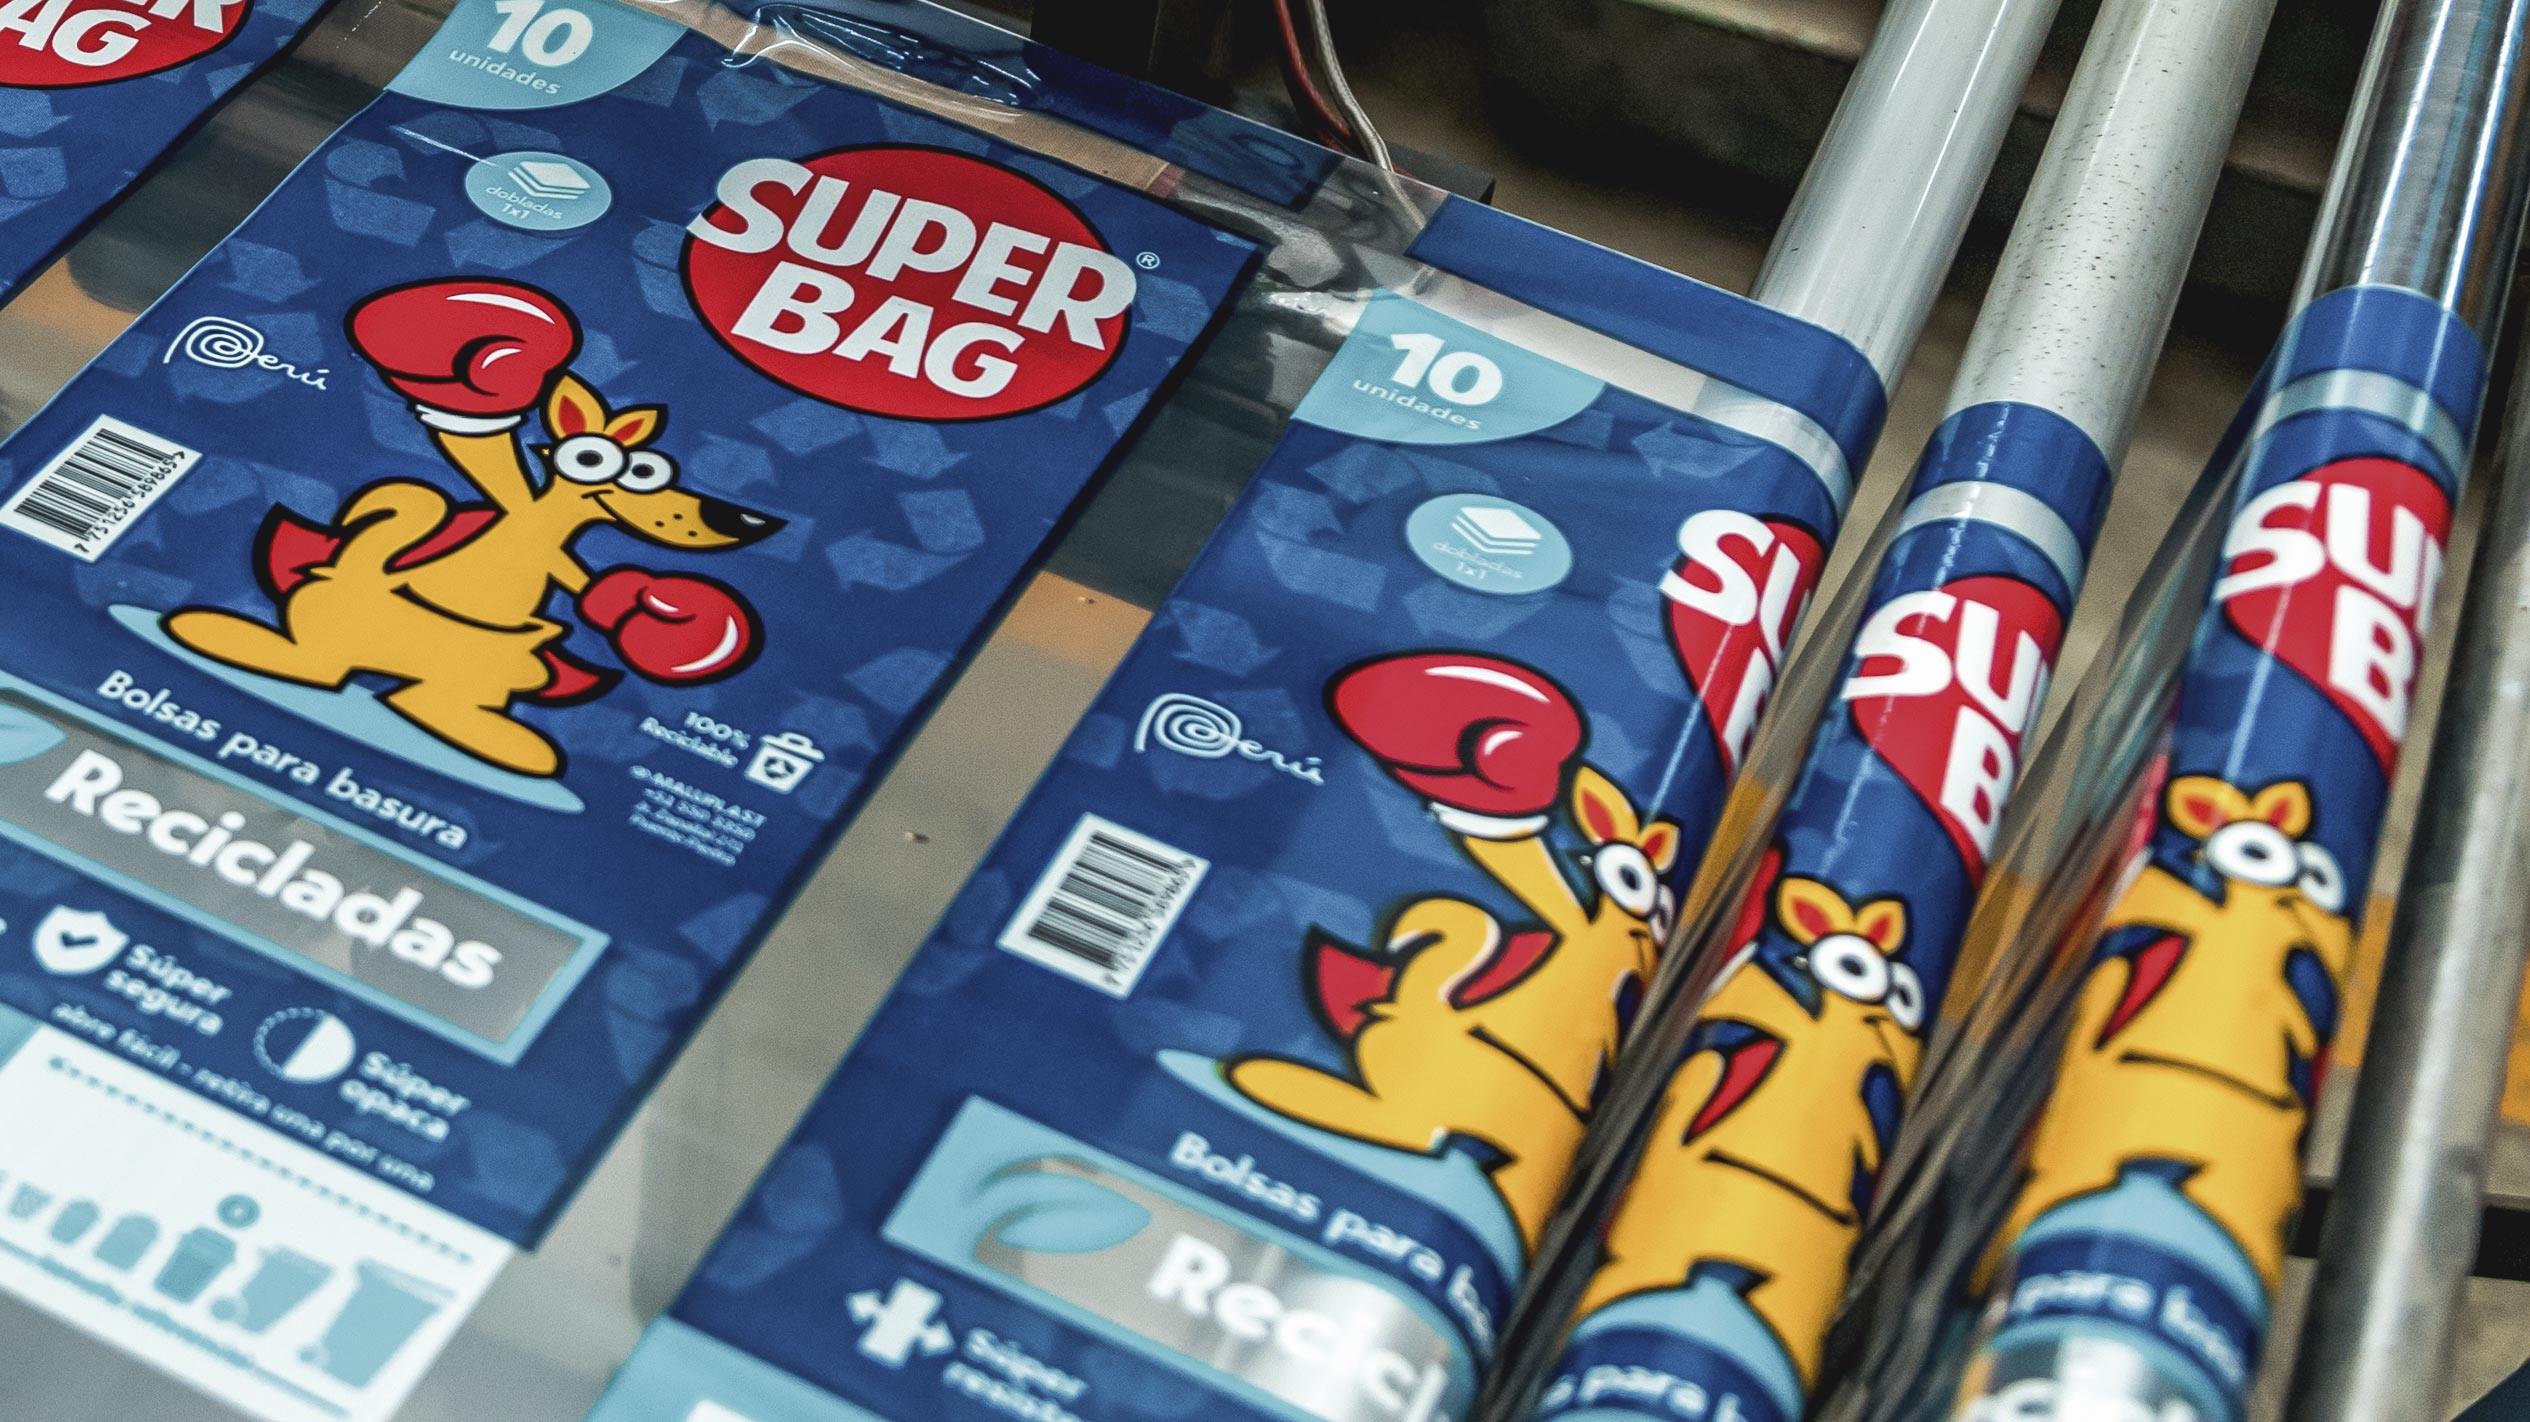 foco-en-maluplast-empresa-peruana-que-fabrica-las-bolsas-de-basura-superbag